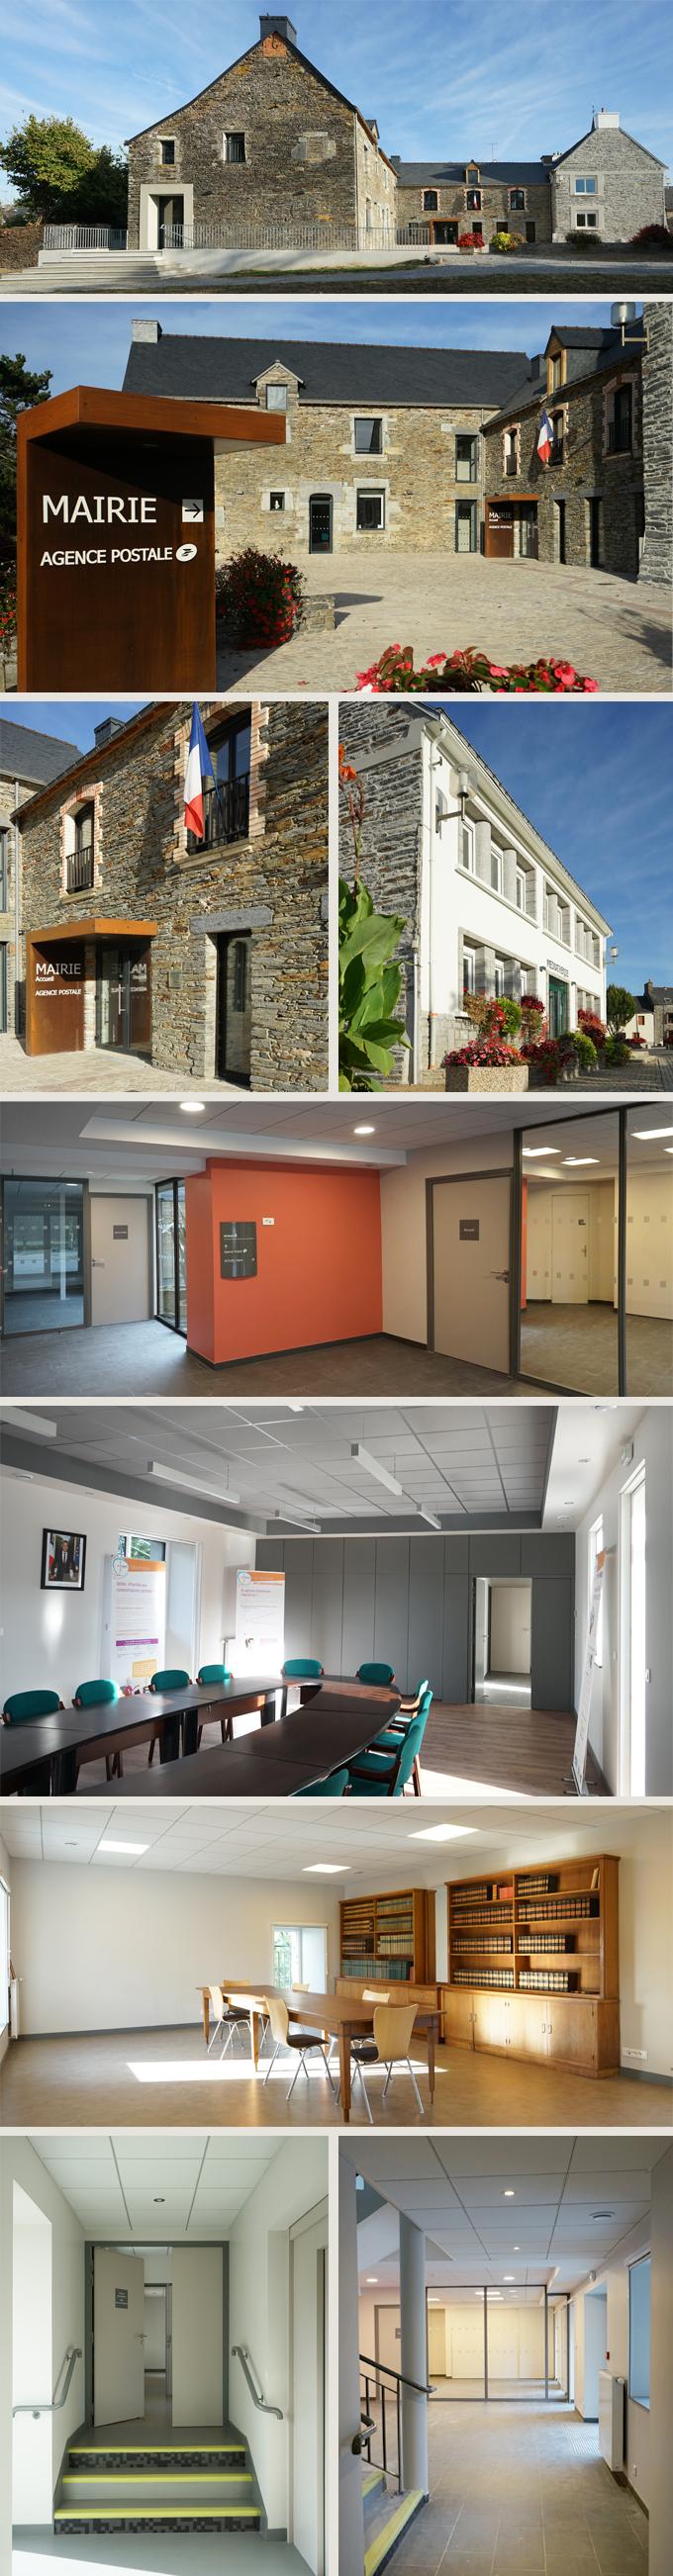 Mairie + Médiathèque en réhabilitation SAINT MARTIN SUR OUST (56200)